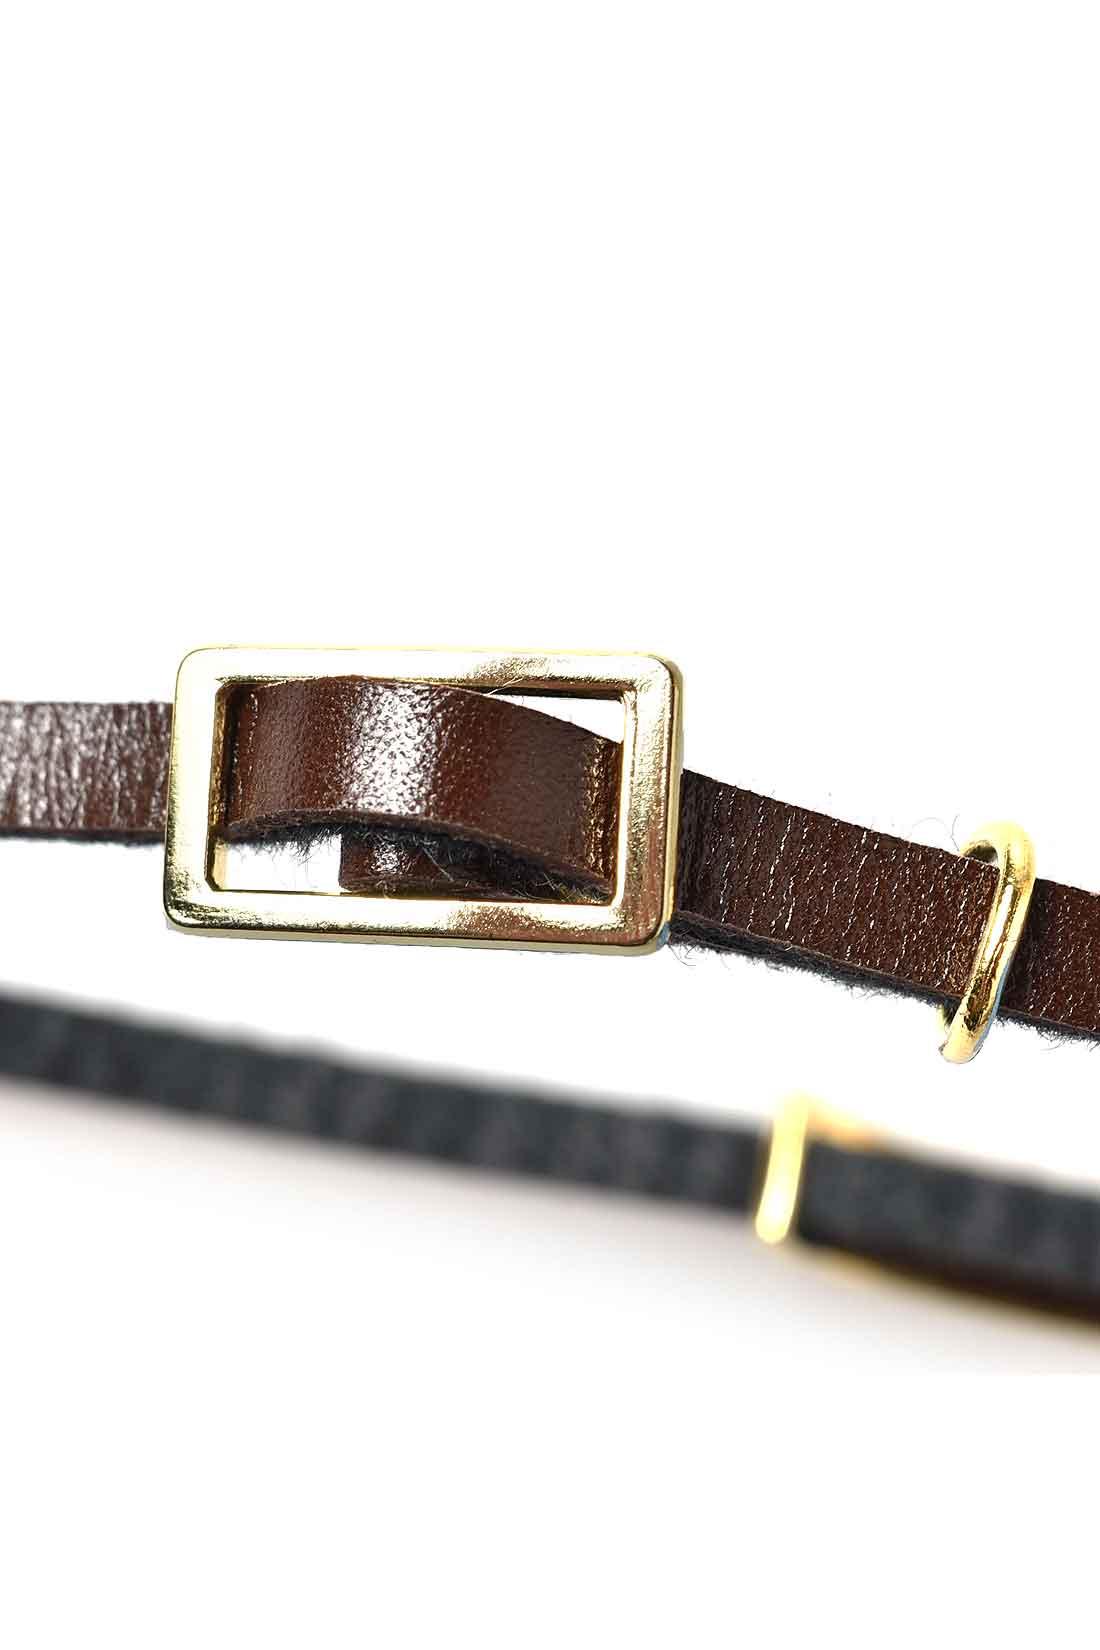 時計のベルトみたいなバックルパーツ。着脱しやすくスタイリッシュな存在感。